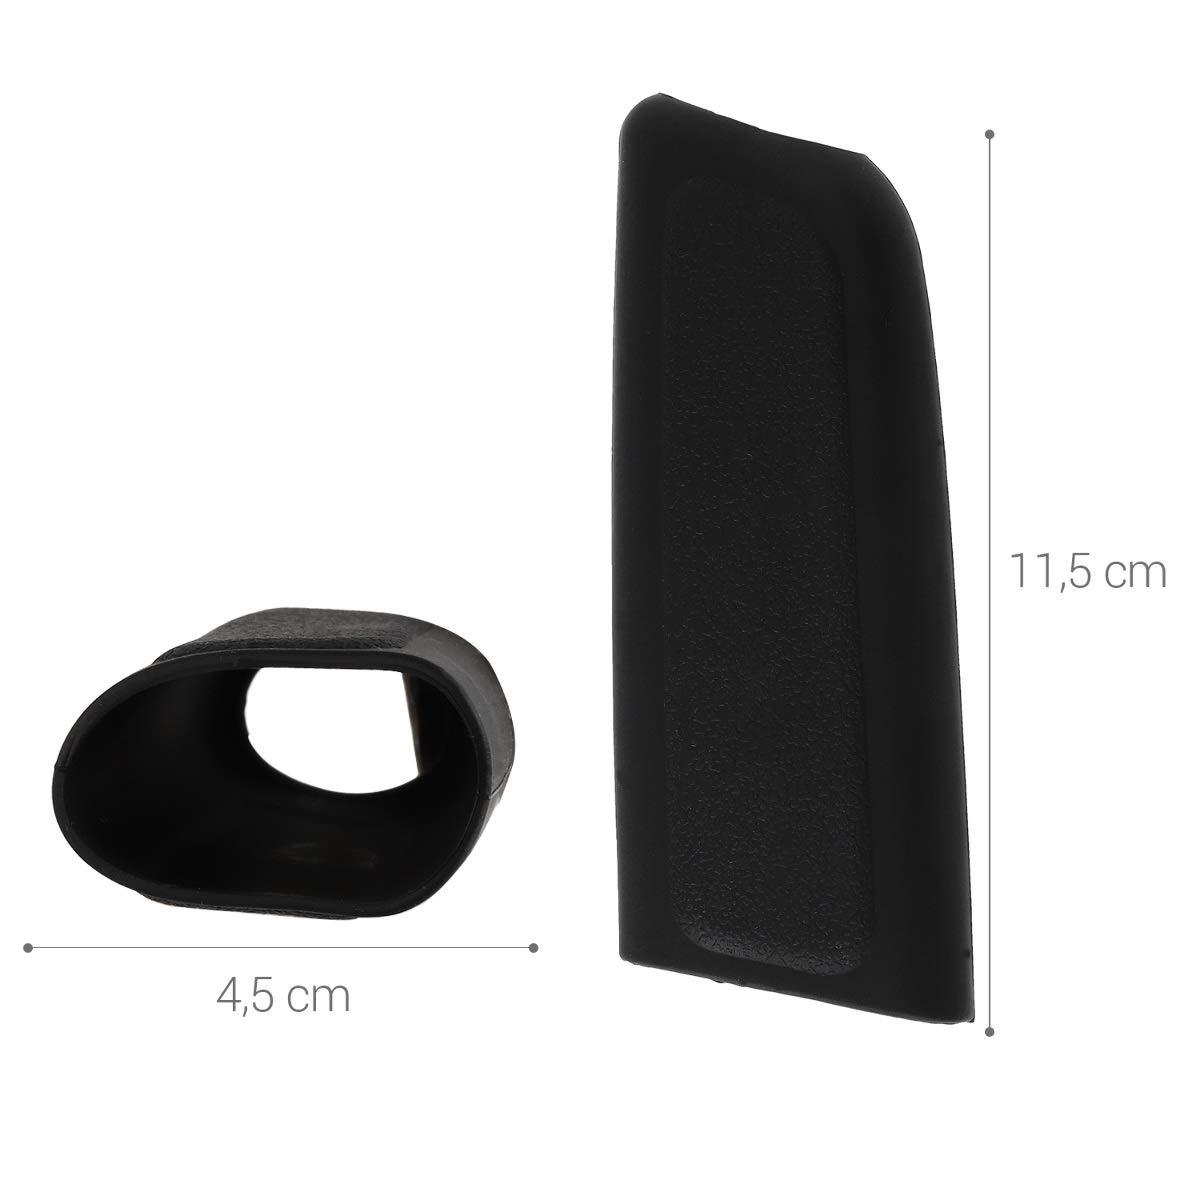 Housse de protection en silicone noir Coque frein /à main voiture universelle 11,5 x 4,5 cm kwmobile Coque frein /à main